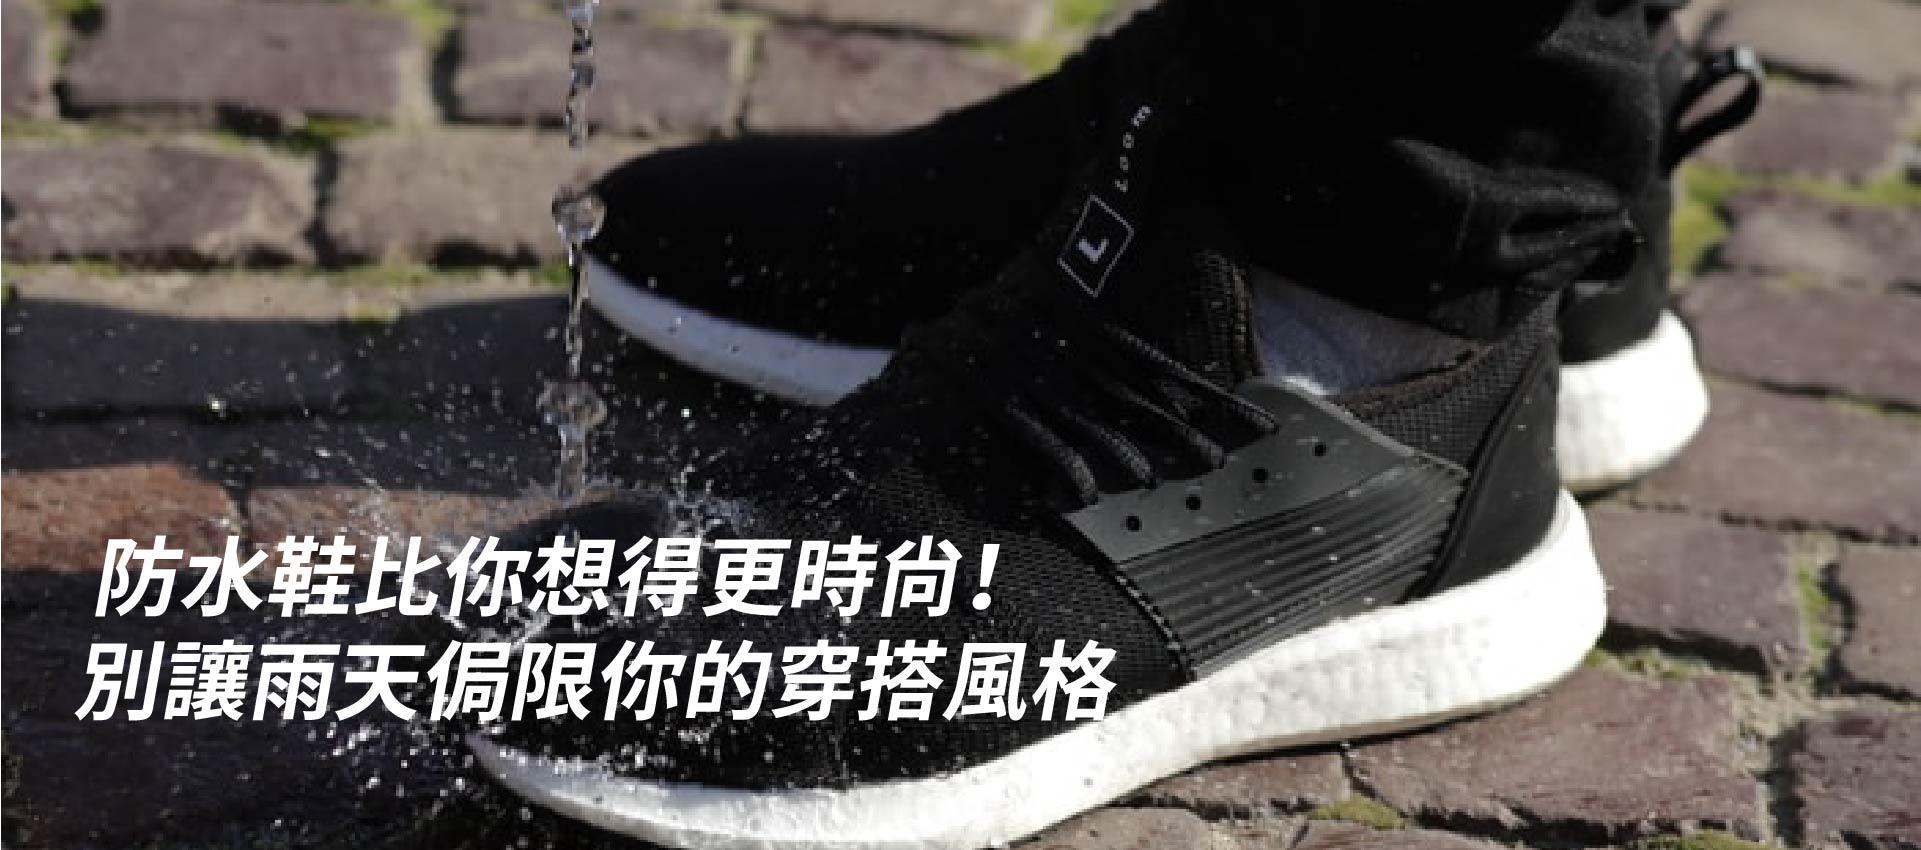 防水鞋比你想的更時尚!別讓雨天侷限你的穿搭風格